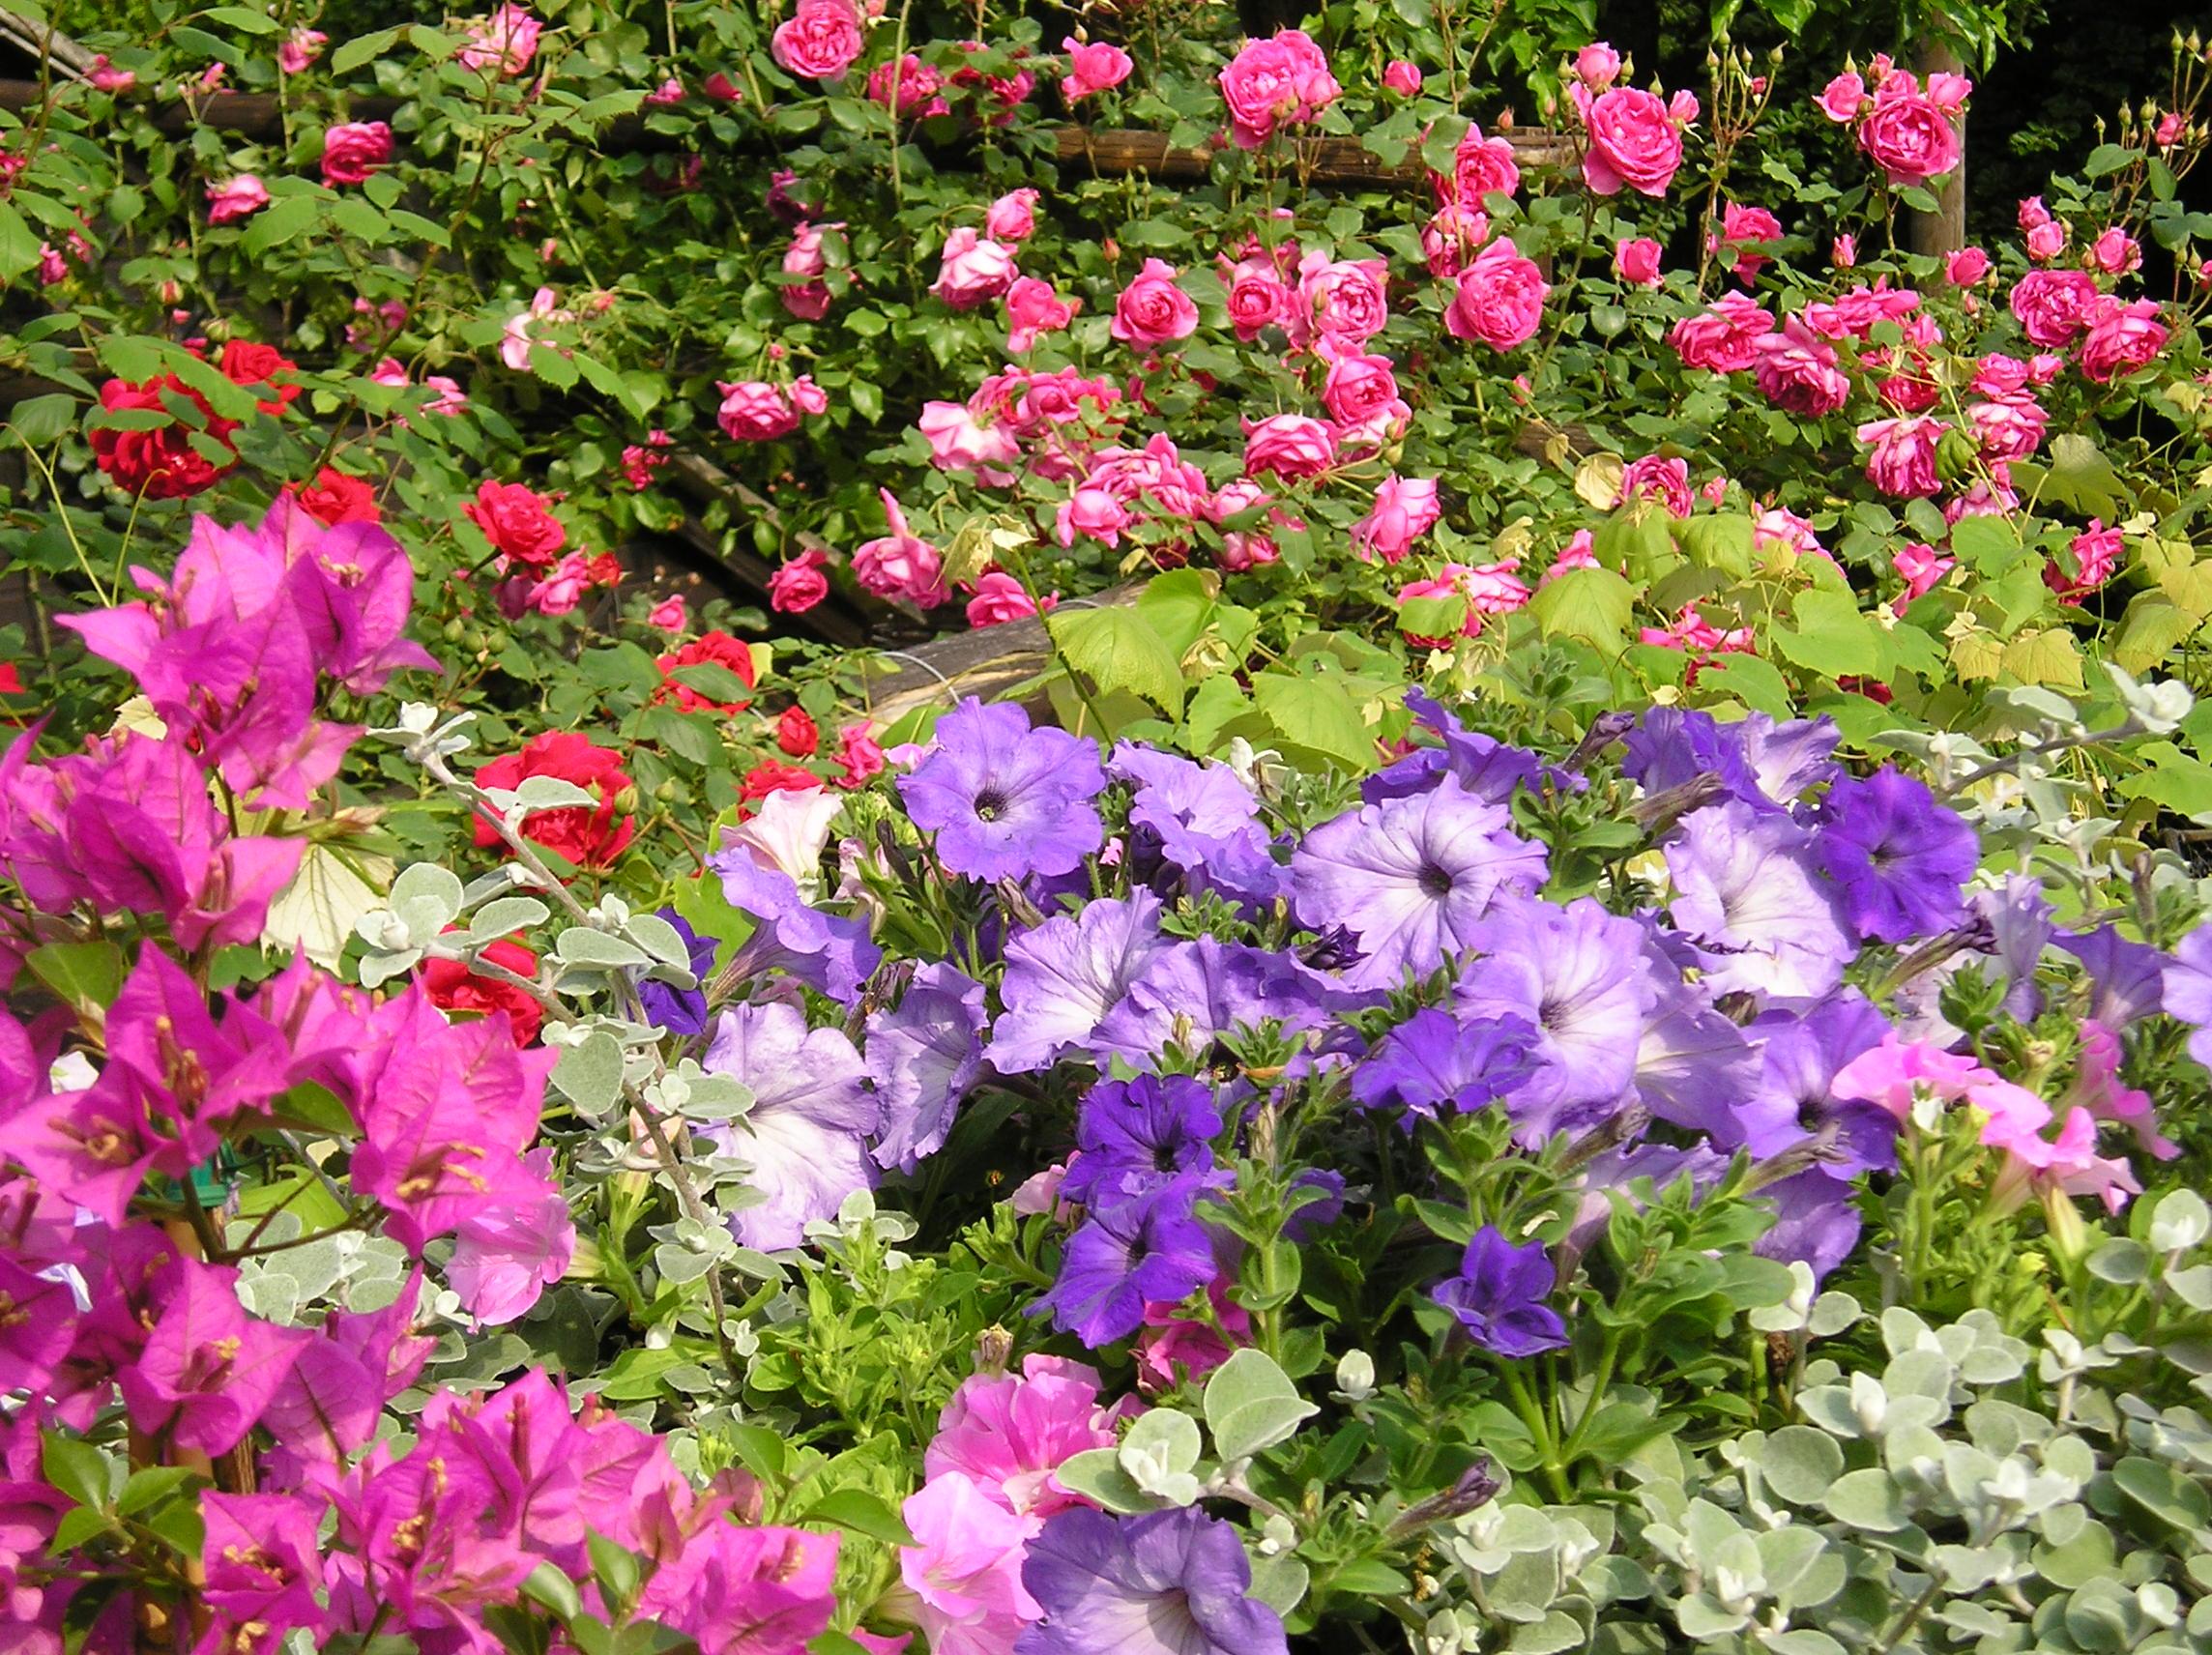 Gambar Bugenvil Warna Ungu Tua Mawar Menanam Bunga Tanaman